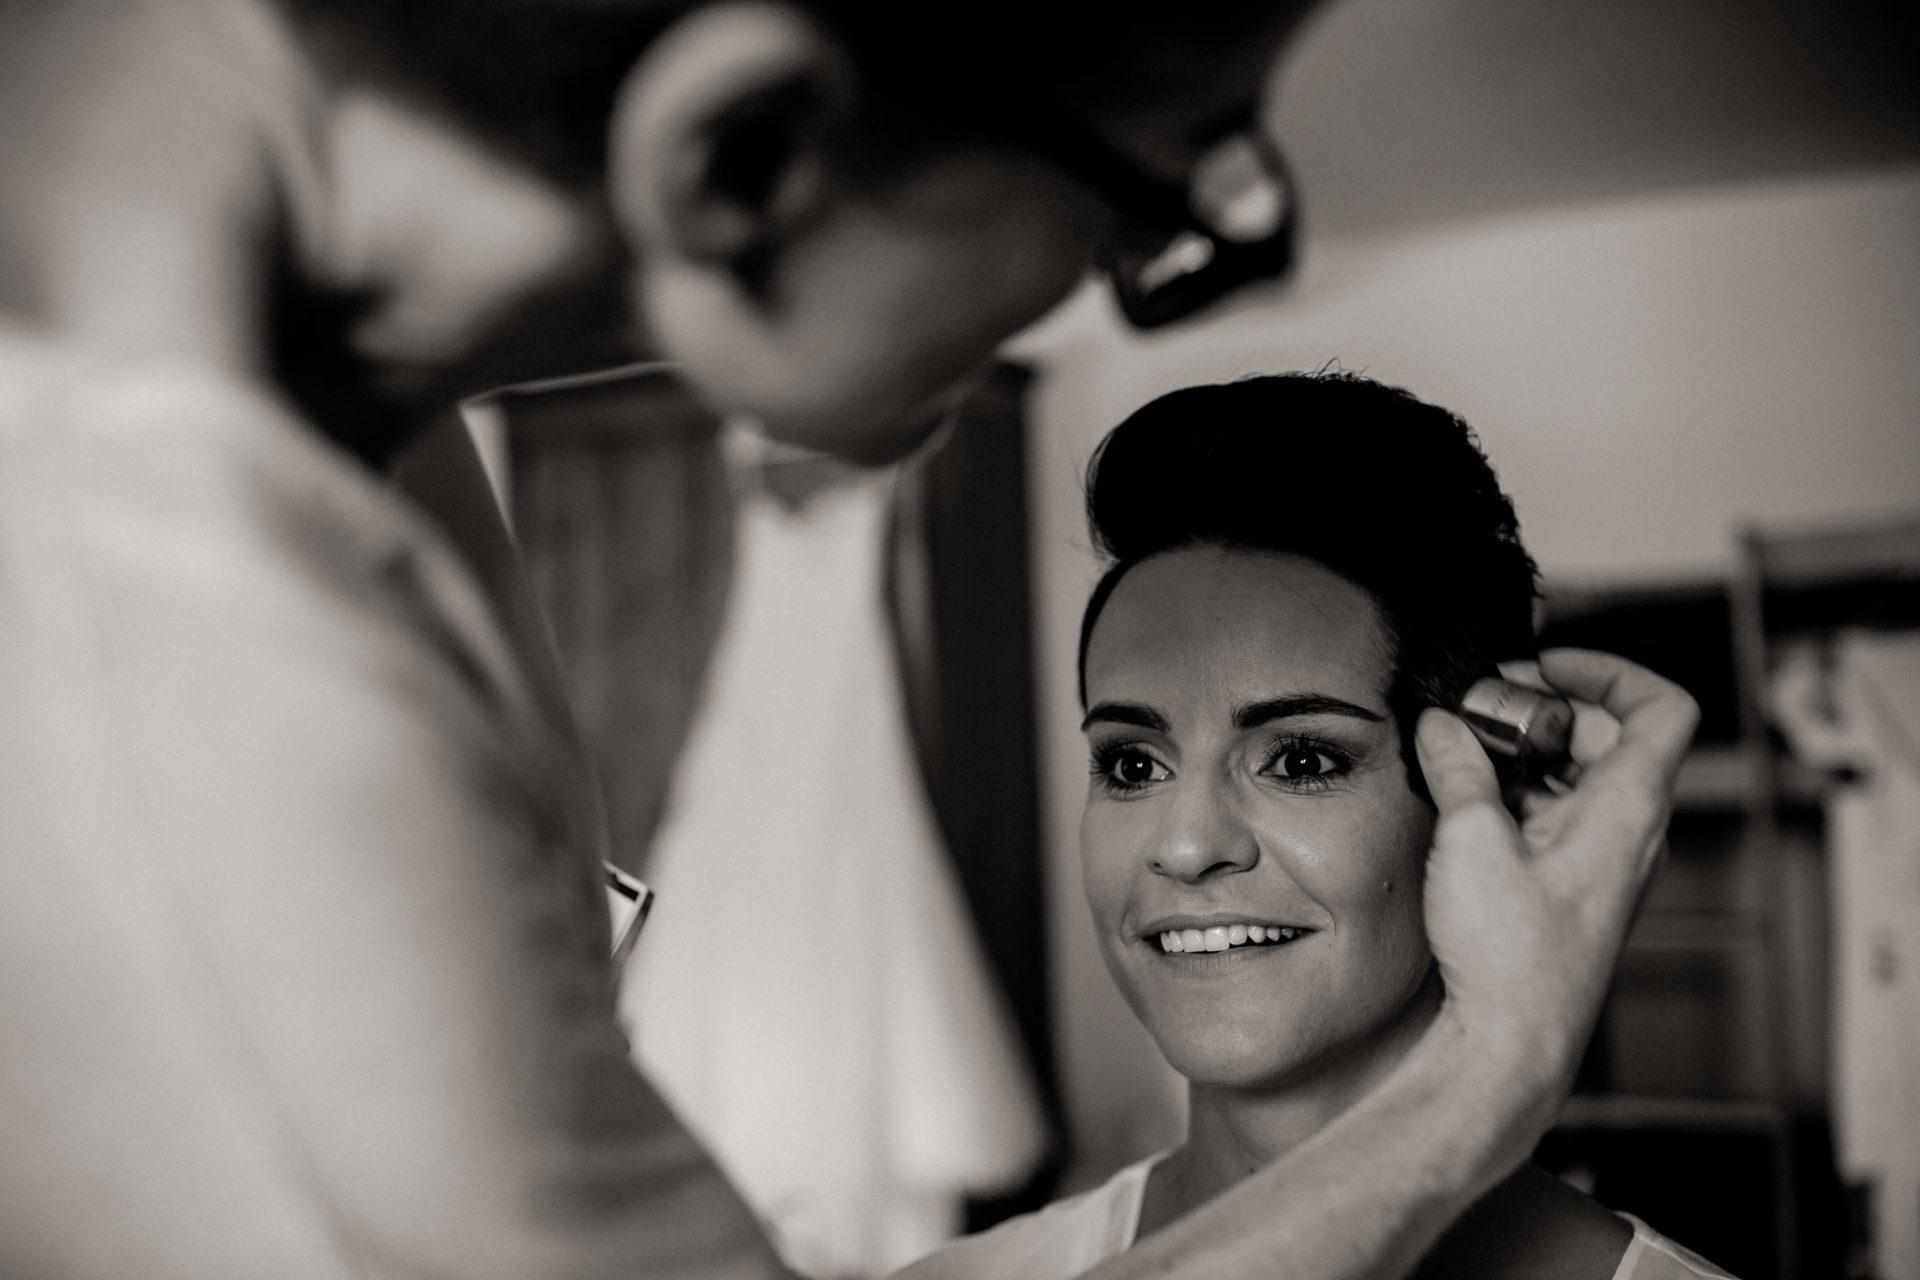 Weingut Fitz Ritter Hochzeitsfotograf-heiraten Pfalz-Sommerhochzeit Mary Kay getting ready Braut Kosmetik